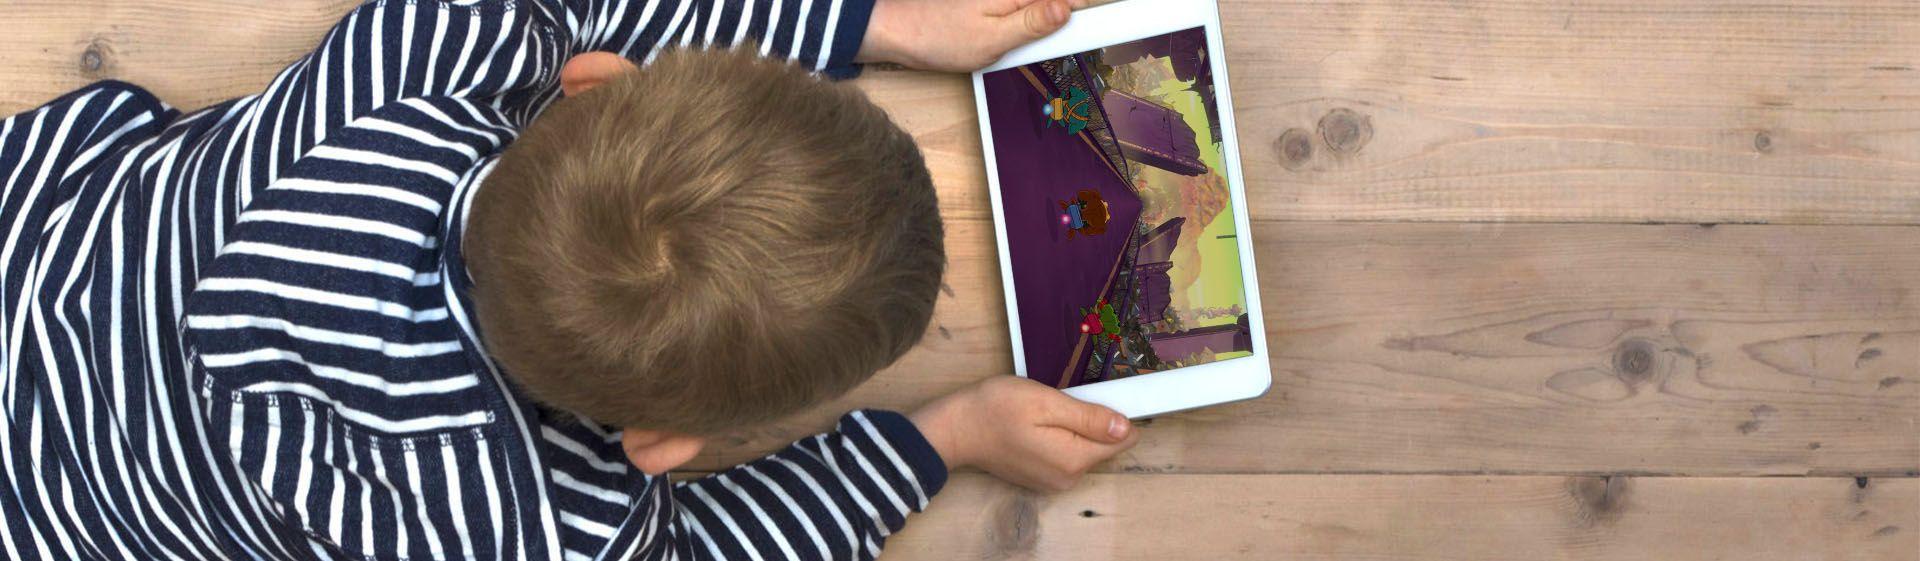 Os 7 Melhores Tablets Infantis em 2020